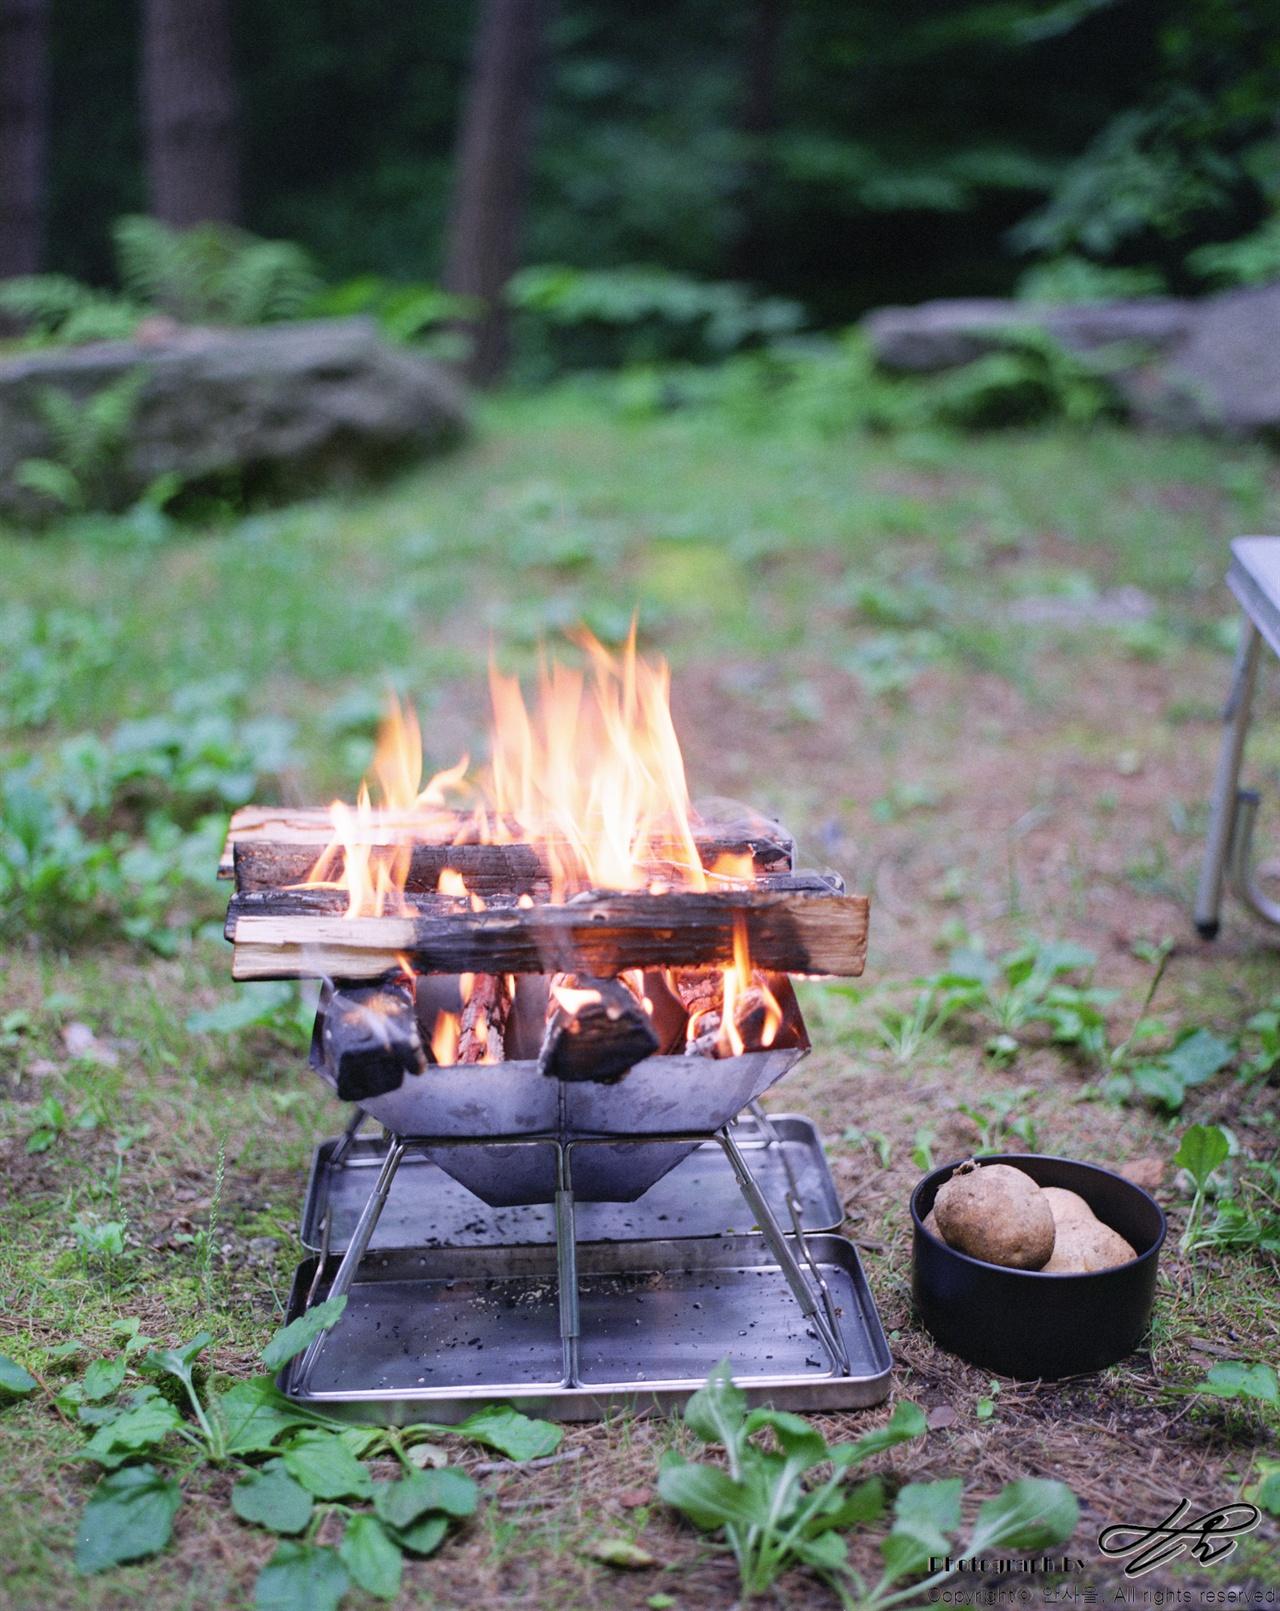 모닥불과 감자 (67ii/Pro160NS)장작에 불이 절반 정도 사그라들면 감자를 넣고, 모두 사그라들면 잔불의 기운으로 고기를 구울 것이다.